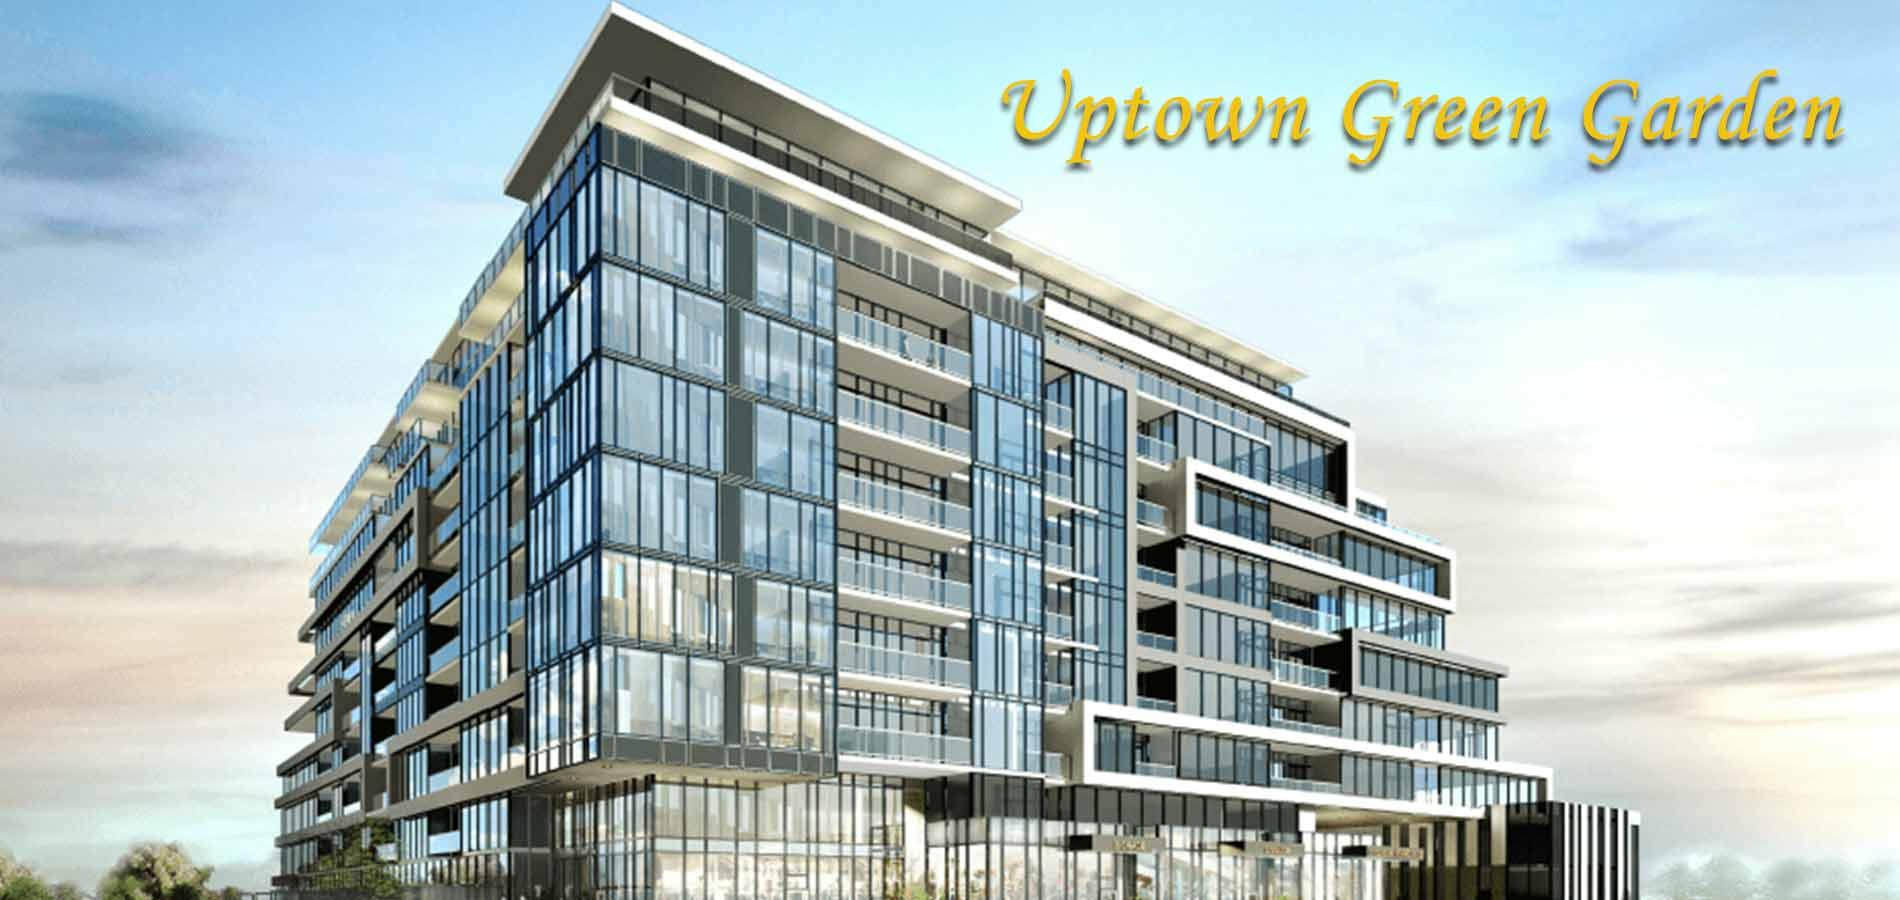 Uptown Green Garden Condos